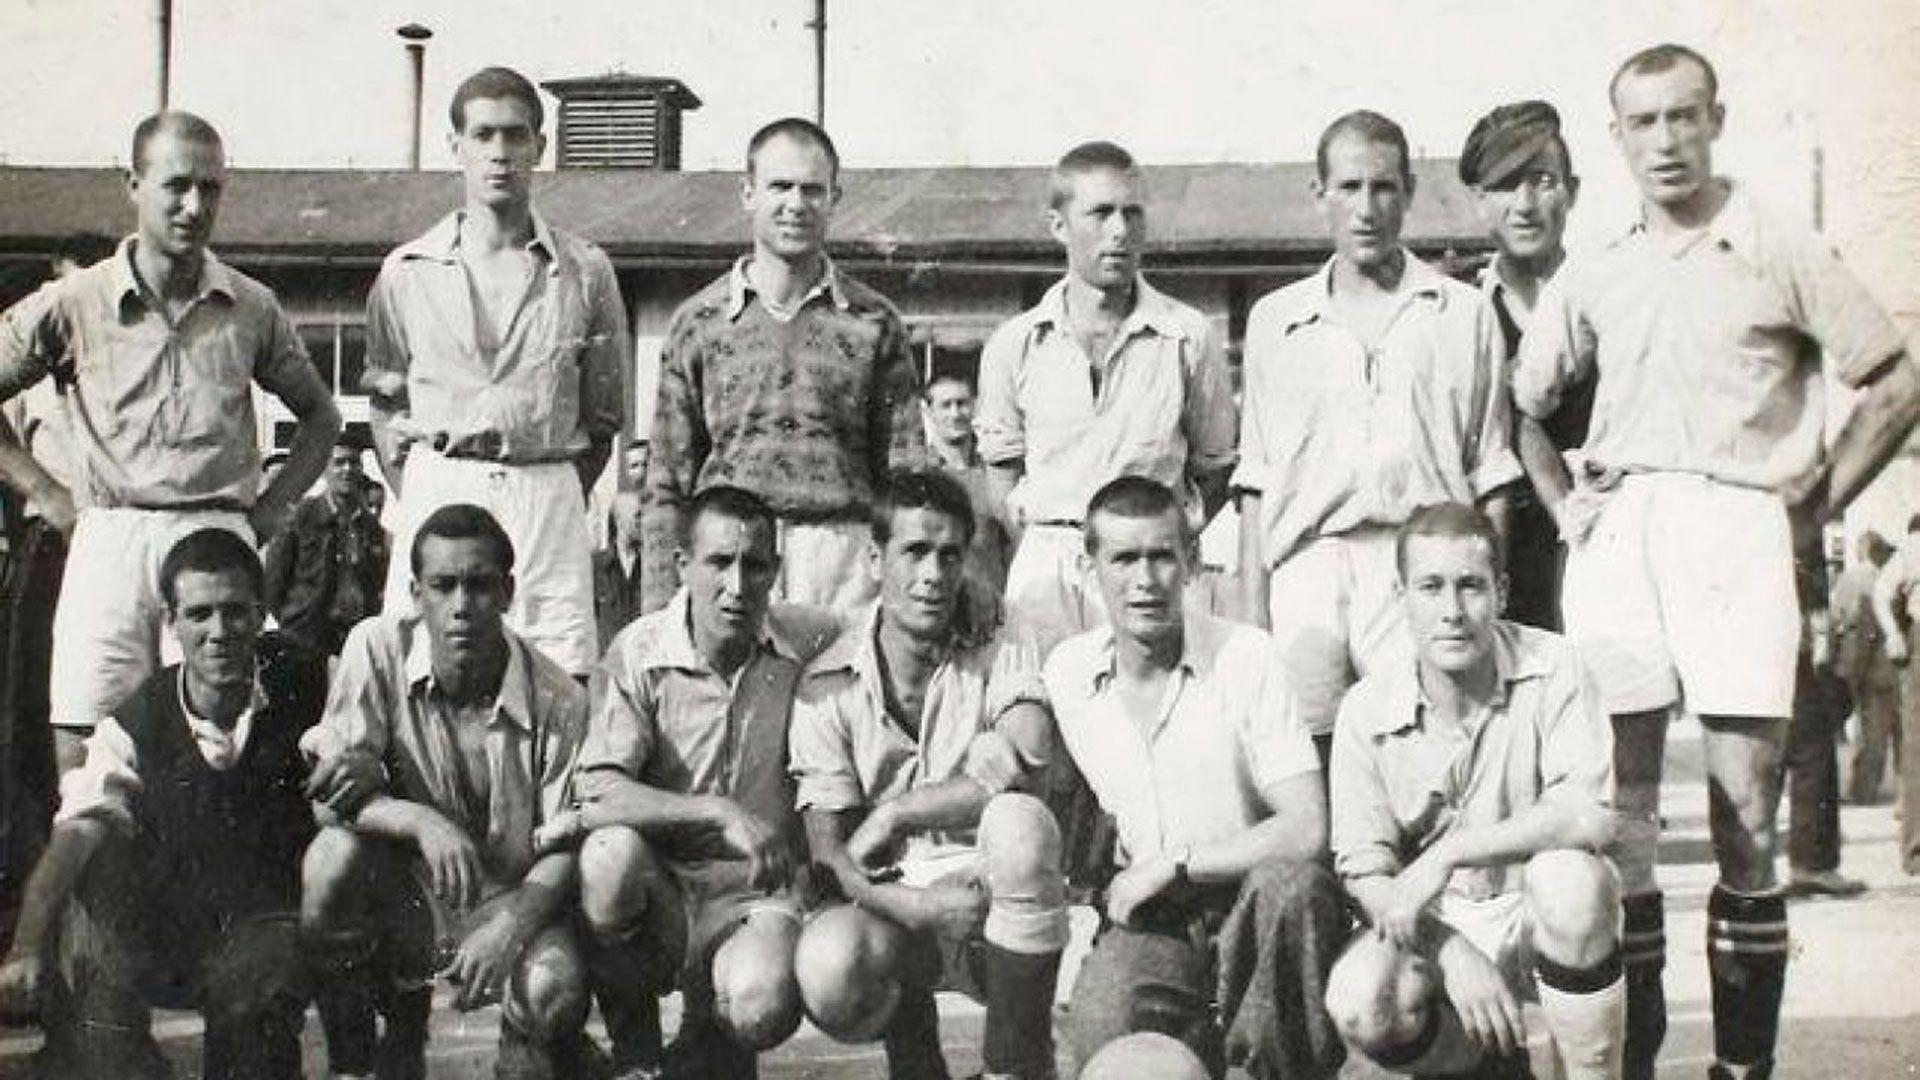 El futbolista español alcanzó estatus de jefe en la barranca de los españoles en el campo de exterminio de Mauthausen y se dedicó a organizar partidos de fútbol entre prisioneros